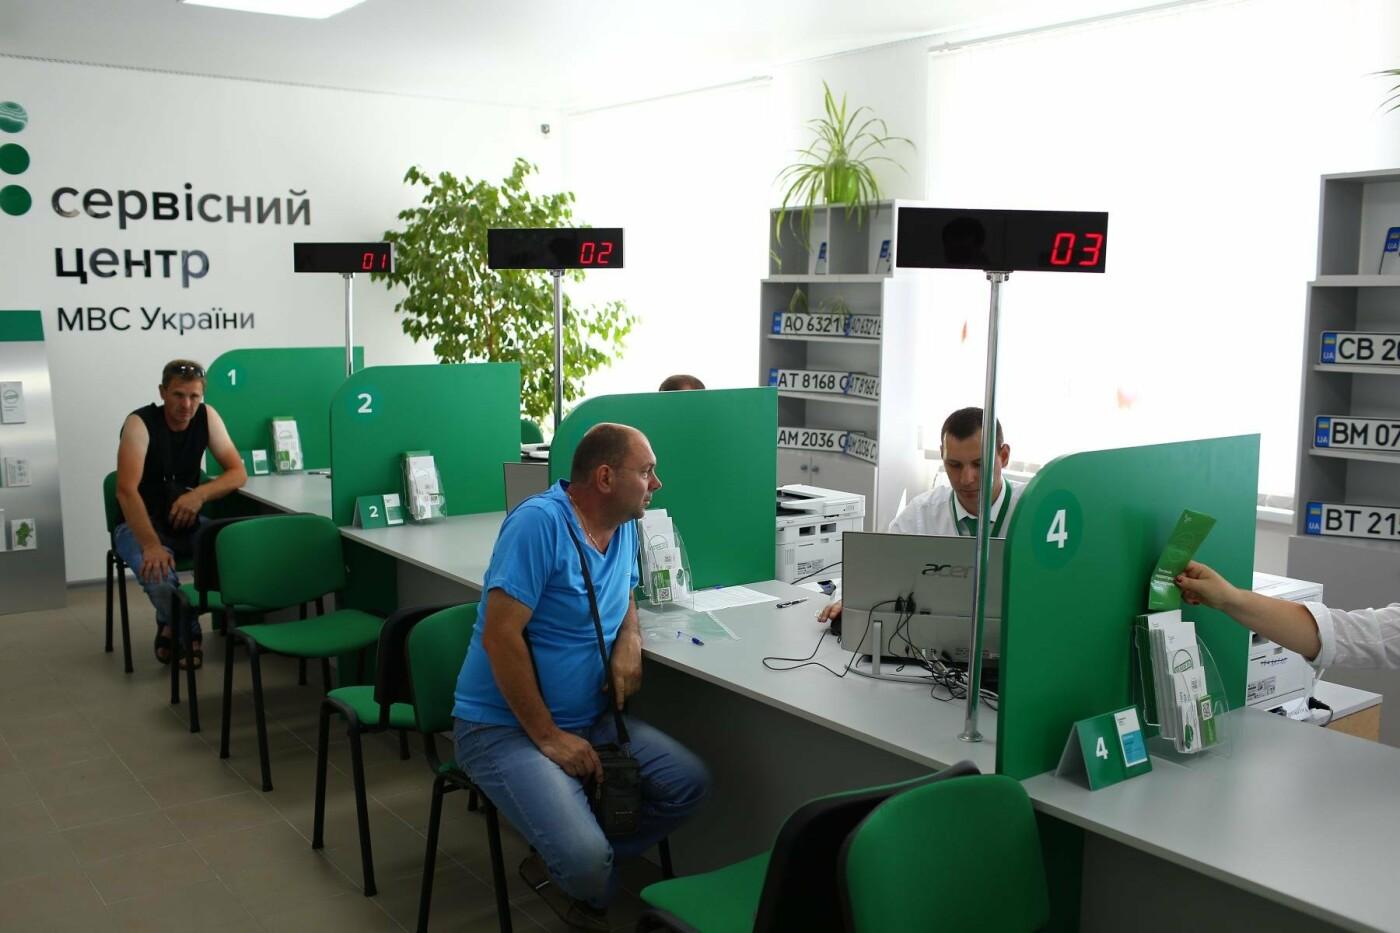 Хмельниччина відкрила 5 сервісних центрів МВС , фото-2